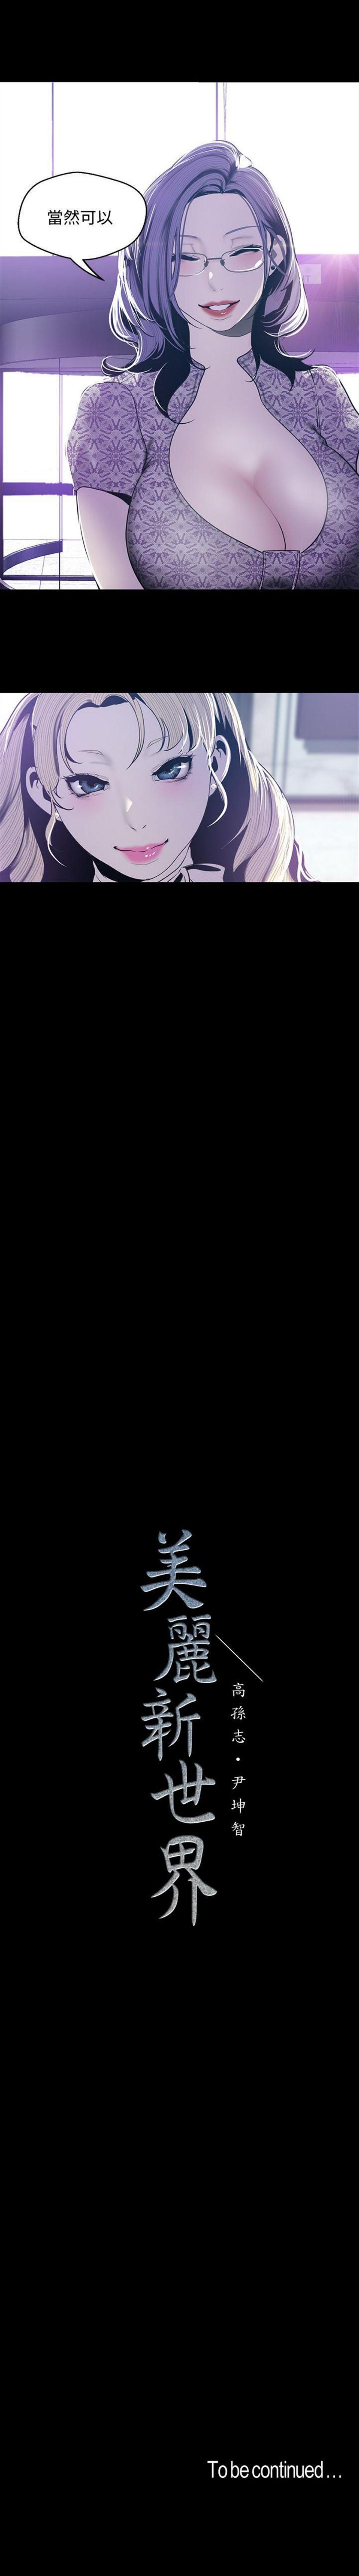 美麗新世界 1-85 官方中文(連載中) 563